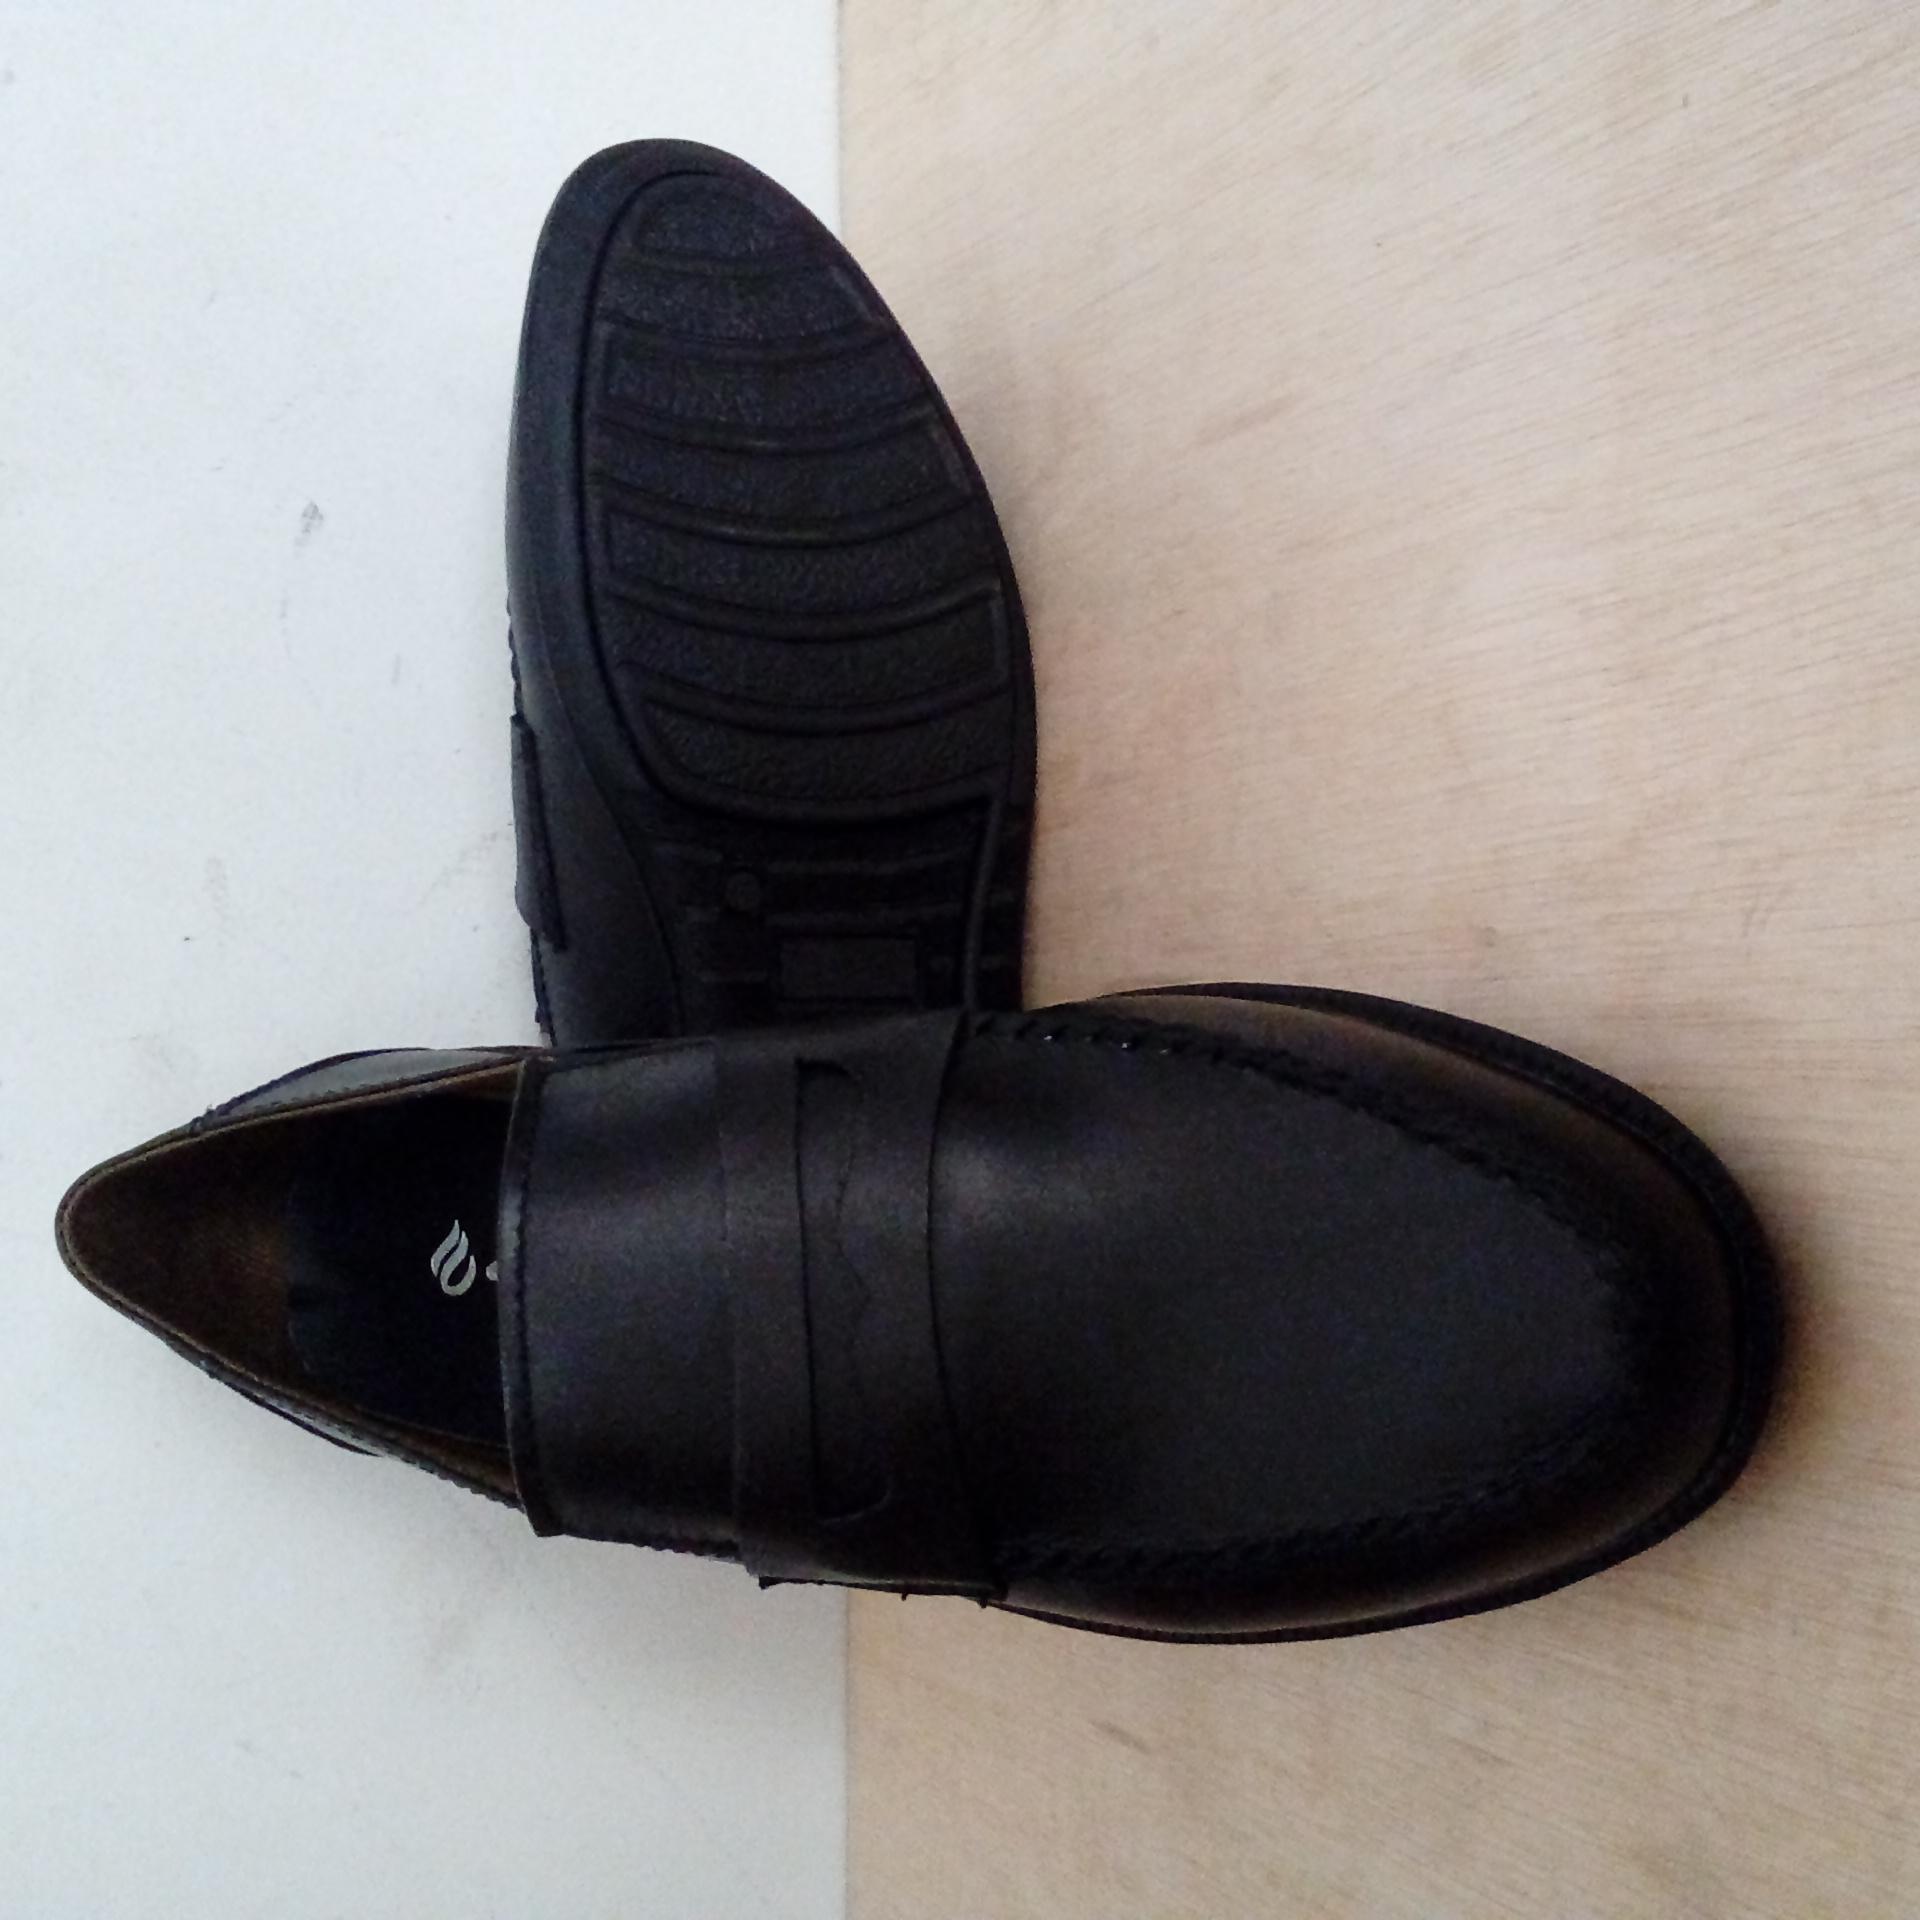 Jual Koleksi Pria - Sepatu Pria - Sepatu Pantofel   Formal   Kantor ... 9d4475000b